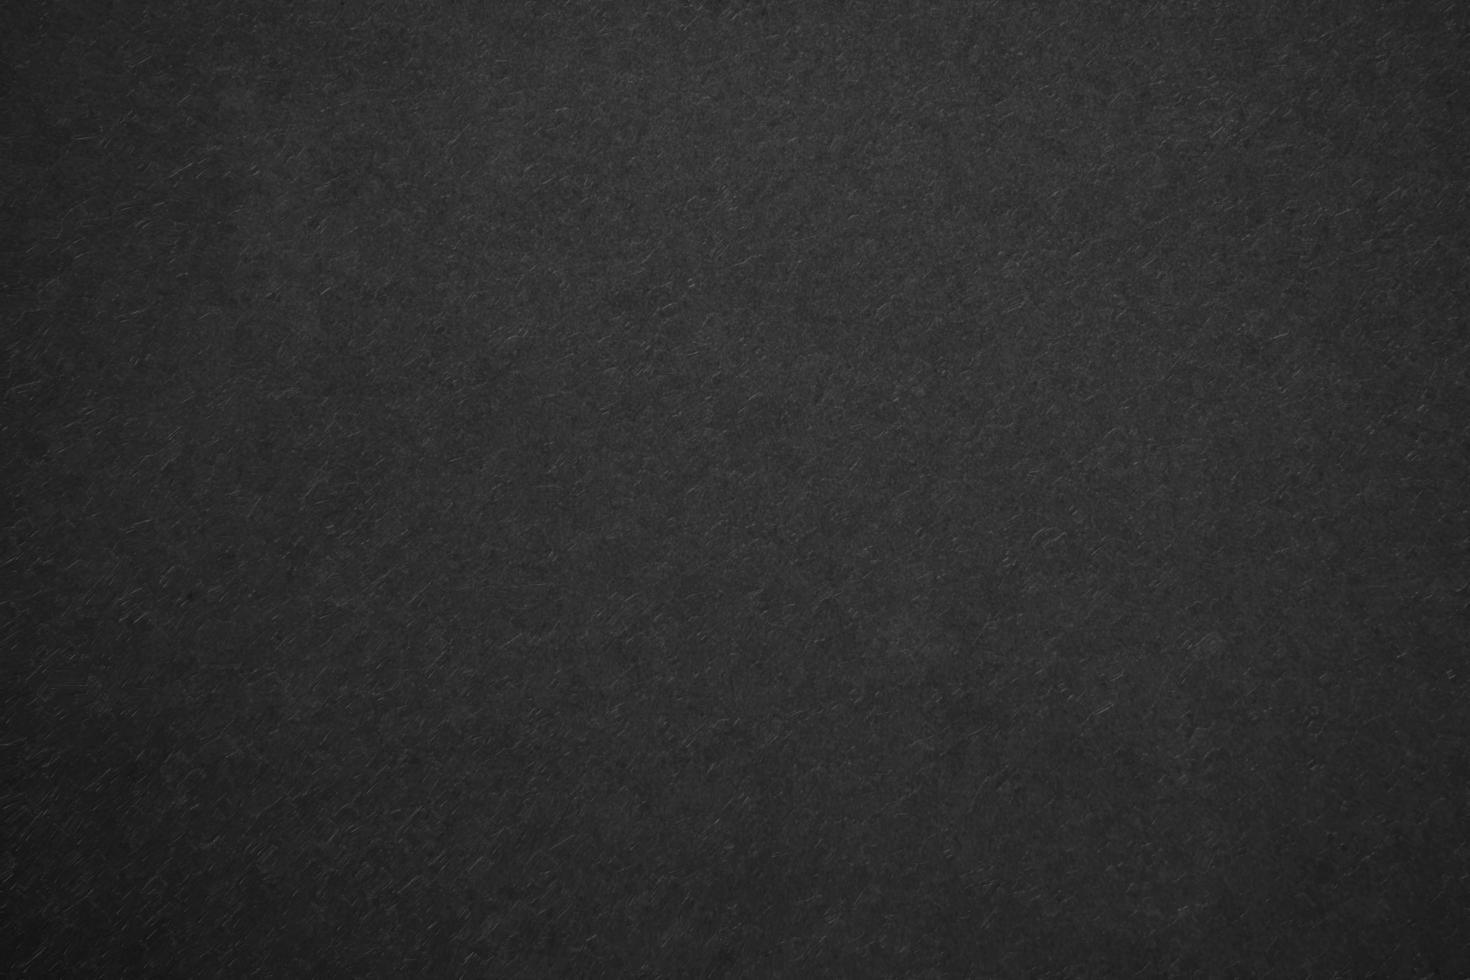 lienzo negro con textura de fondo abstracto. foto